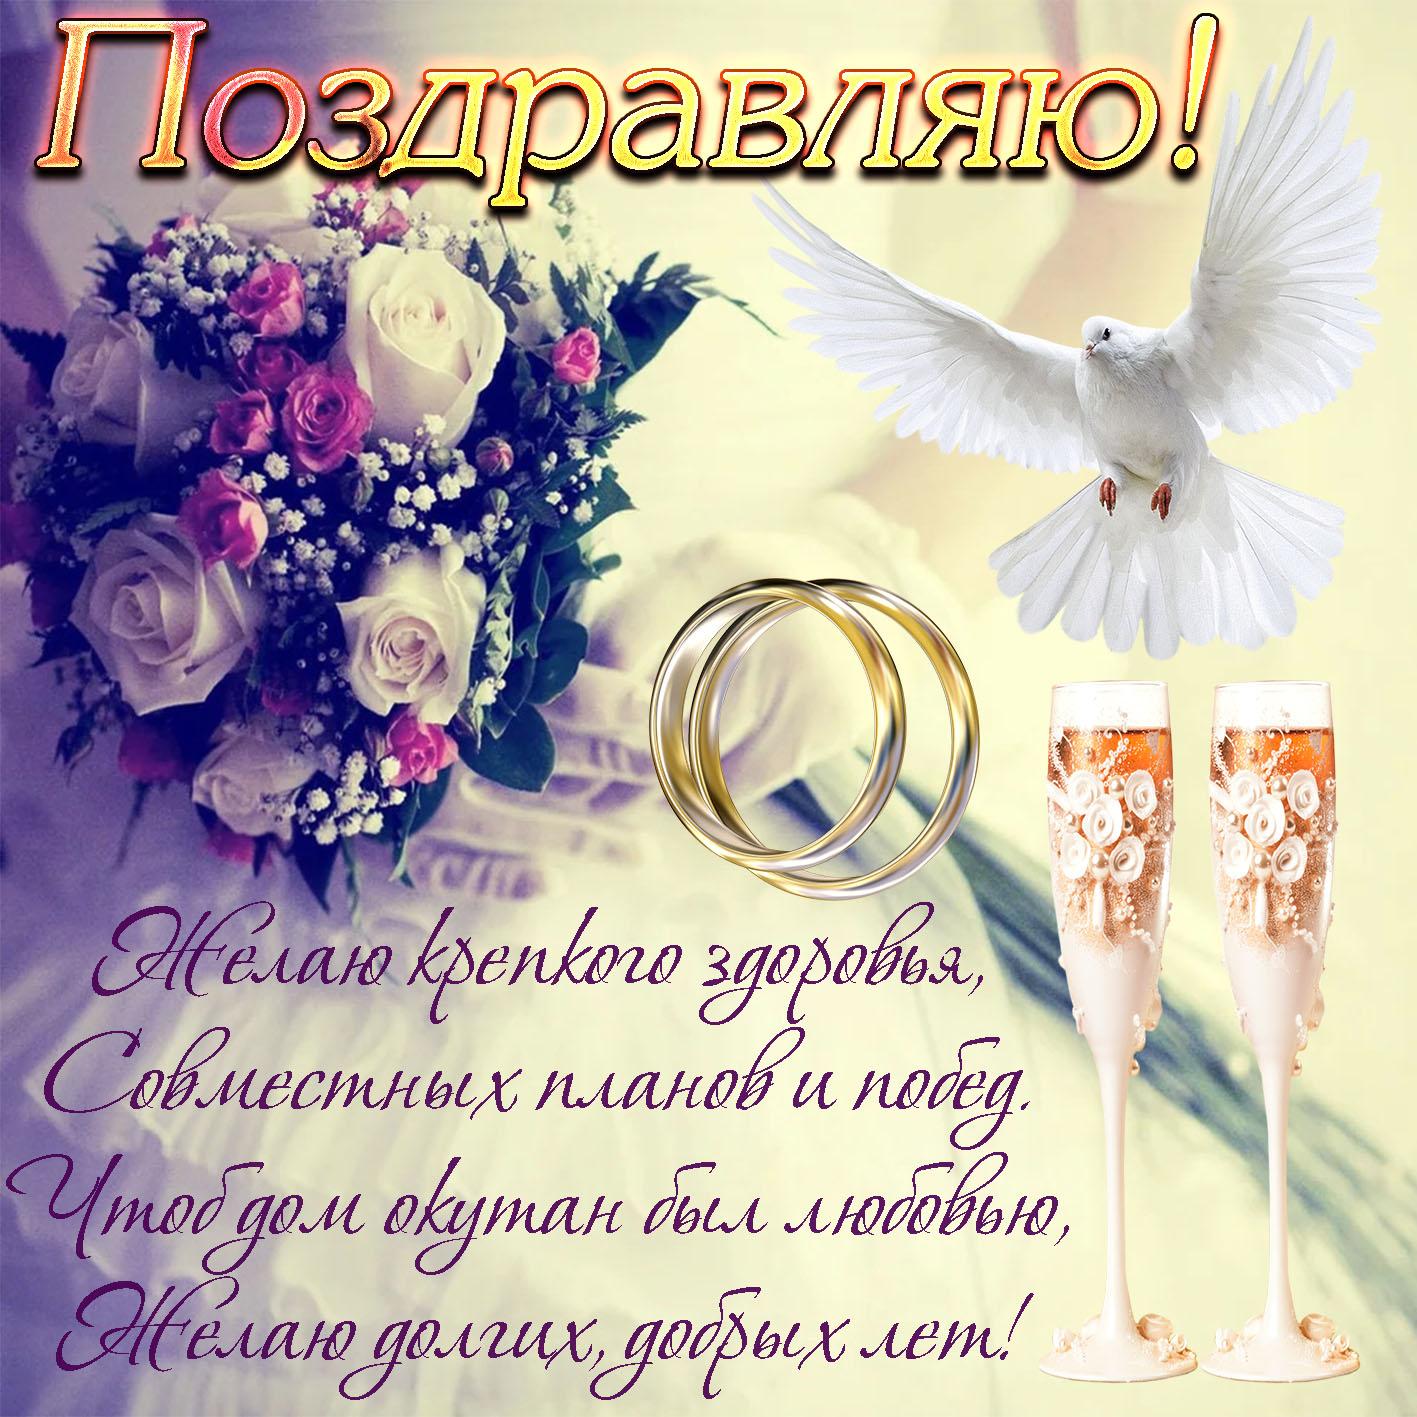 Девушке, фото открытки с юбилеем свадьбы